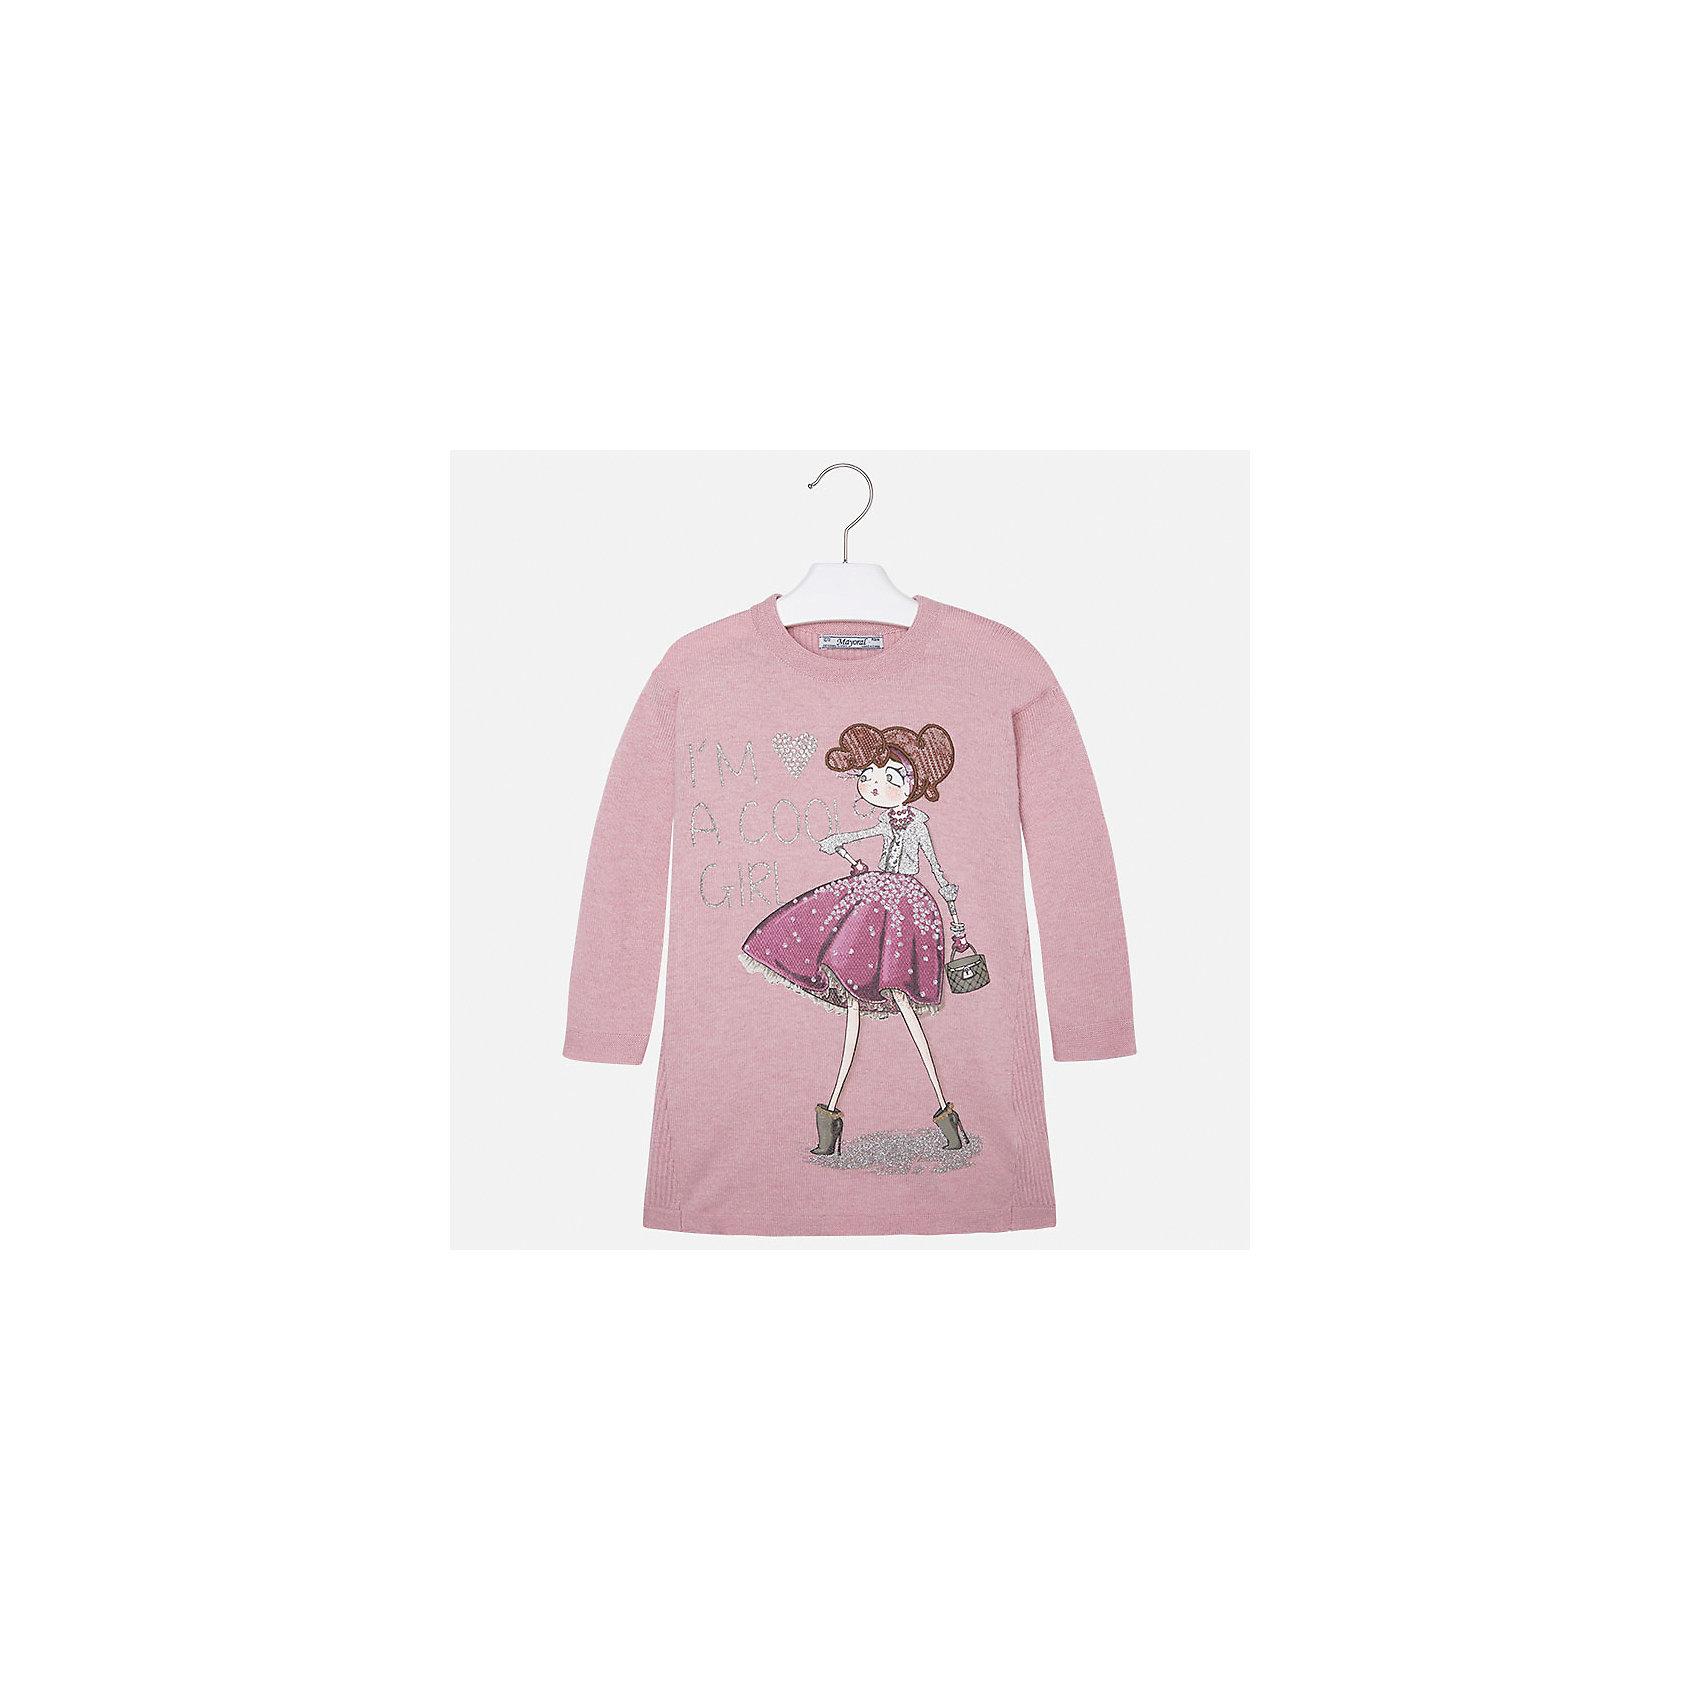 Платье для девочки MayoralОсенне-зимние платья и сарафаны<br>Платье для девочки от известного испанского бренда Mayoral (Майорал). Это модное и удобное платье с длинным рукавом сочетает в себе стиль и простоту. Приятный бледно-розовый цвет и яркий фото-принт украшенный стразами придут по вкусу вашей моднице. У платья свободный крой, слегка расширяющийся к низу. Отличное пополнение для сезона осень-зима. К этому платью подойдут как классические колготки, так и современные укороченные леггинсы.<br><br>Дополнительная информация:<br><br>- Силуэт: прямой<br>- Рукав: укороченный<br>- Длина: средняя<br><br>Состав: 50% хлопок, 50% акрил<br><br>Платье для девочки Mayoral (Майорал) можно купить в нашем интернет-магазине.<br><br>Подробнее:<br>• Для детей в возрасте: от 2 до 9 лет<br>• Номер товара: 4844511<br>Страна производитель: Индия<br><br>Ширина мм: 236<br>Глубина мм: 16<br>Высота мм: 184<br>Вес г: 177<br>Цвет: розовый<br>Возраст от месяцев: 18<br>Возраст до месяцев: 24<br>Пол: Женский<br>Возраст: Детский<br>Размер: 92,104,98,116,134,128,110,122<br>SKU: 4844511